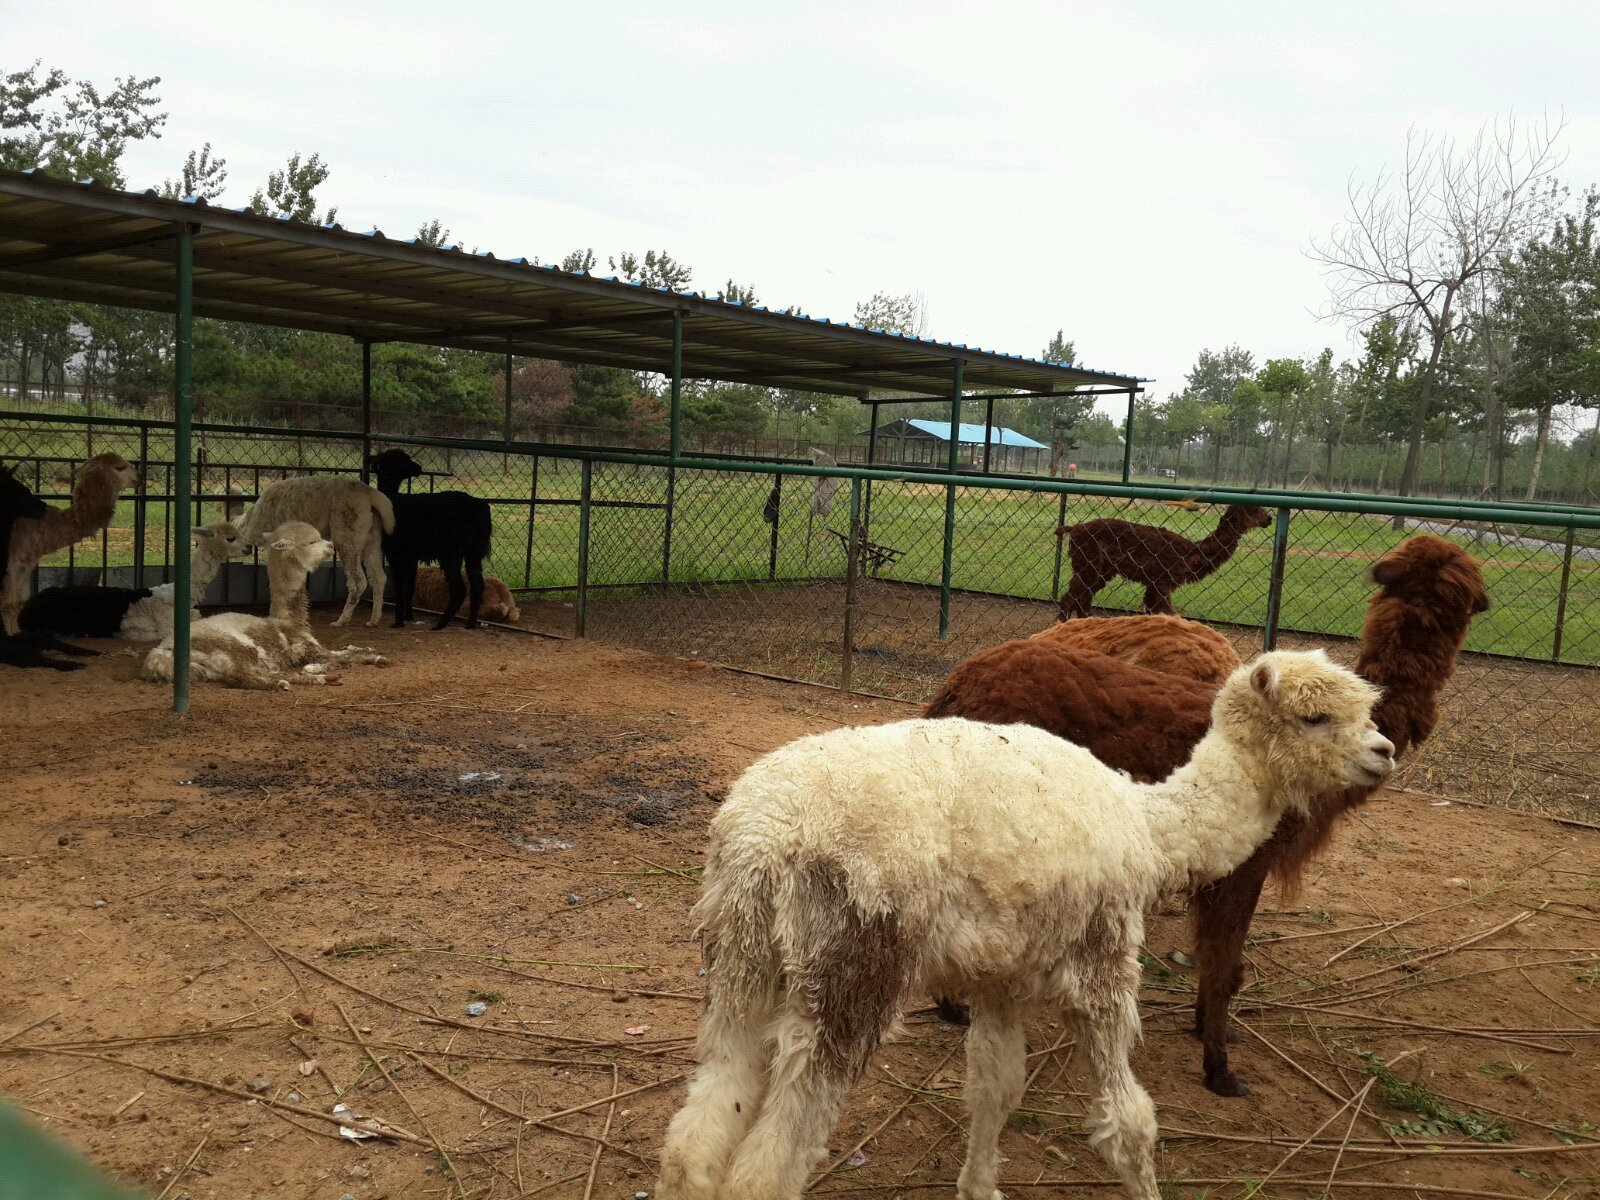 北戴河森林公园和野生动物园,传说中的散养动物.